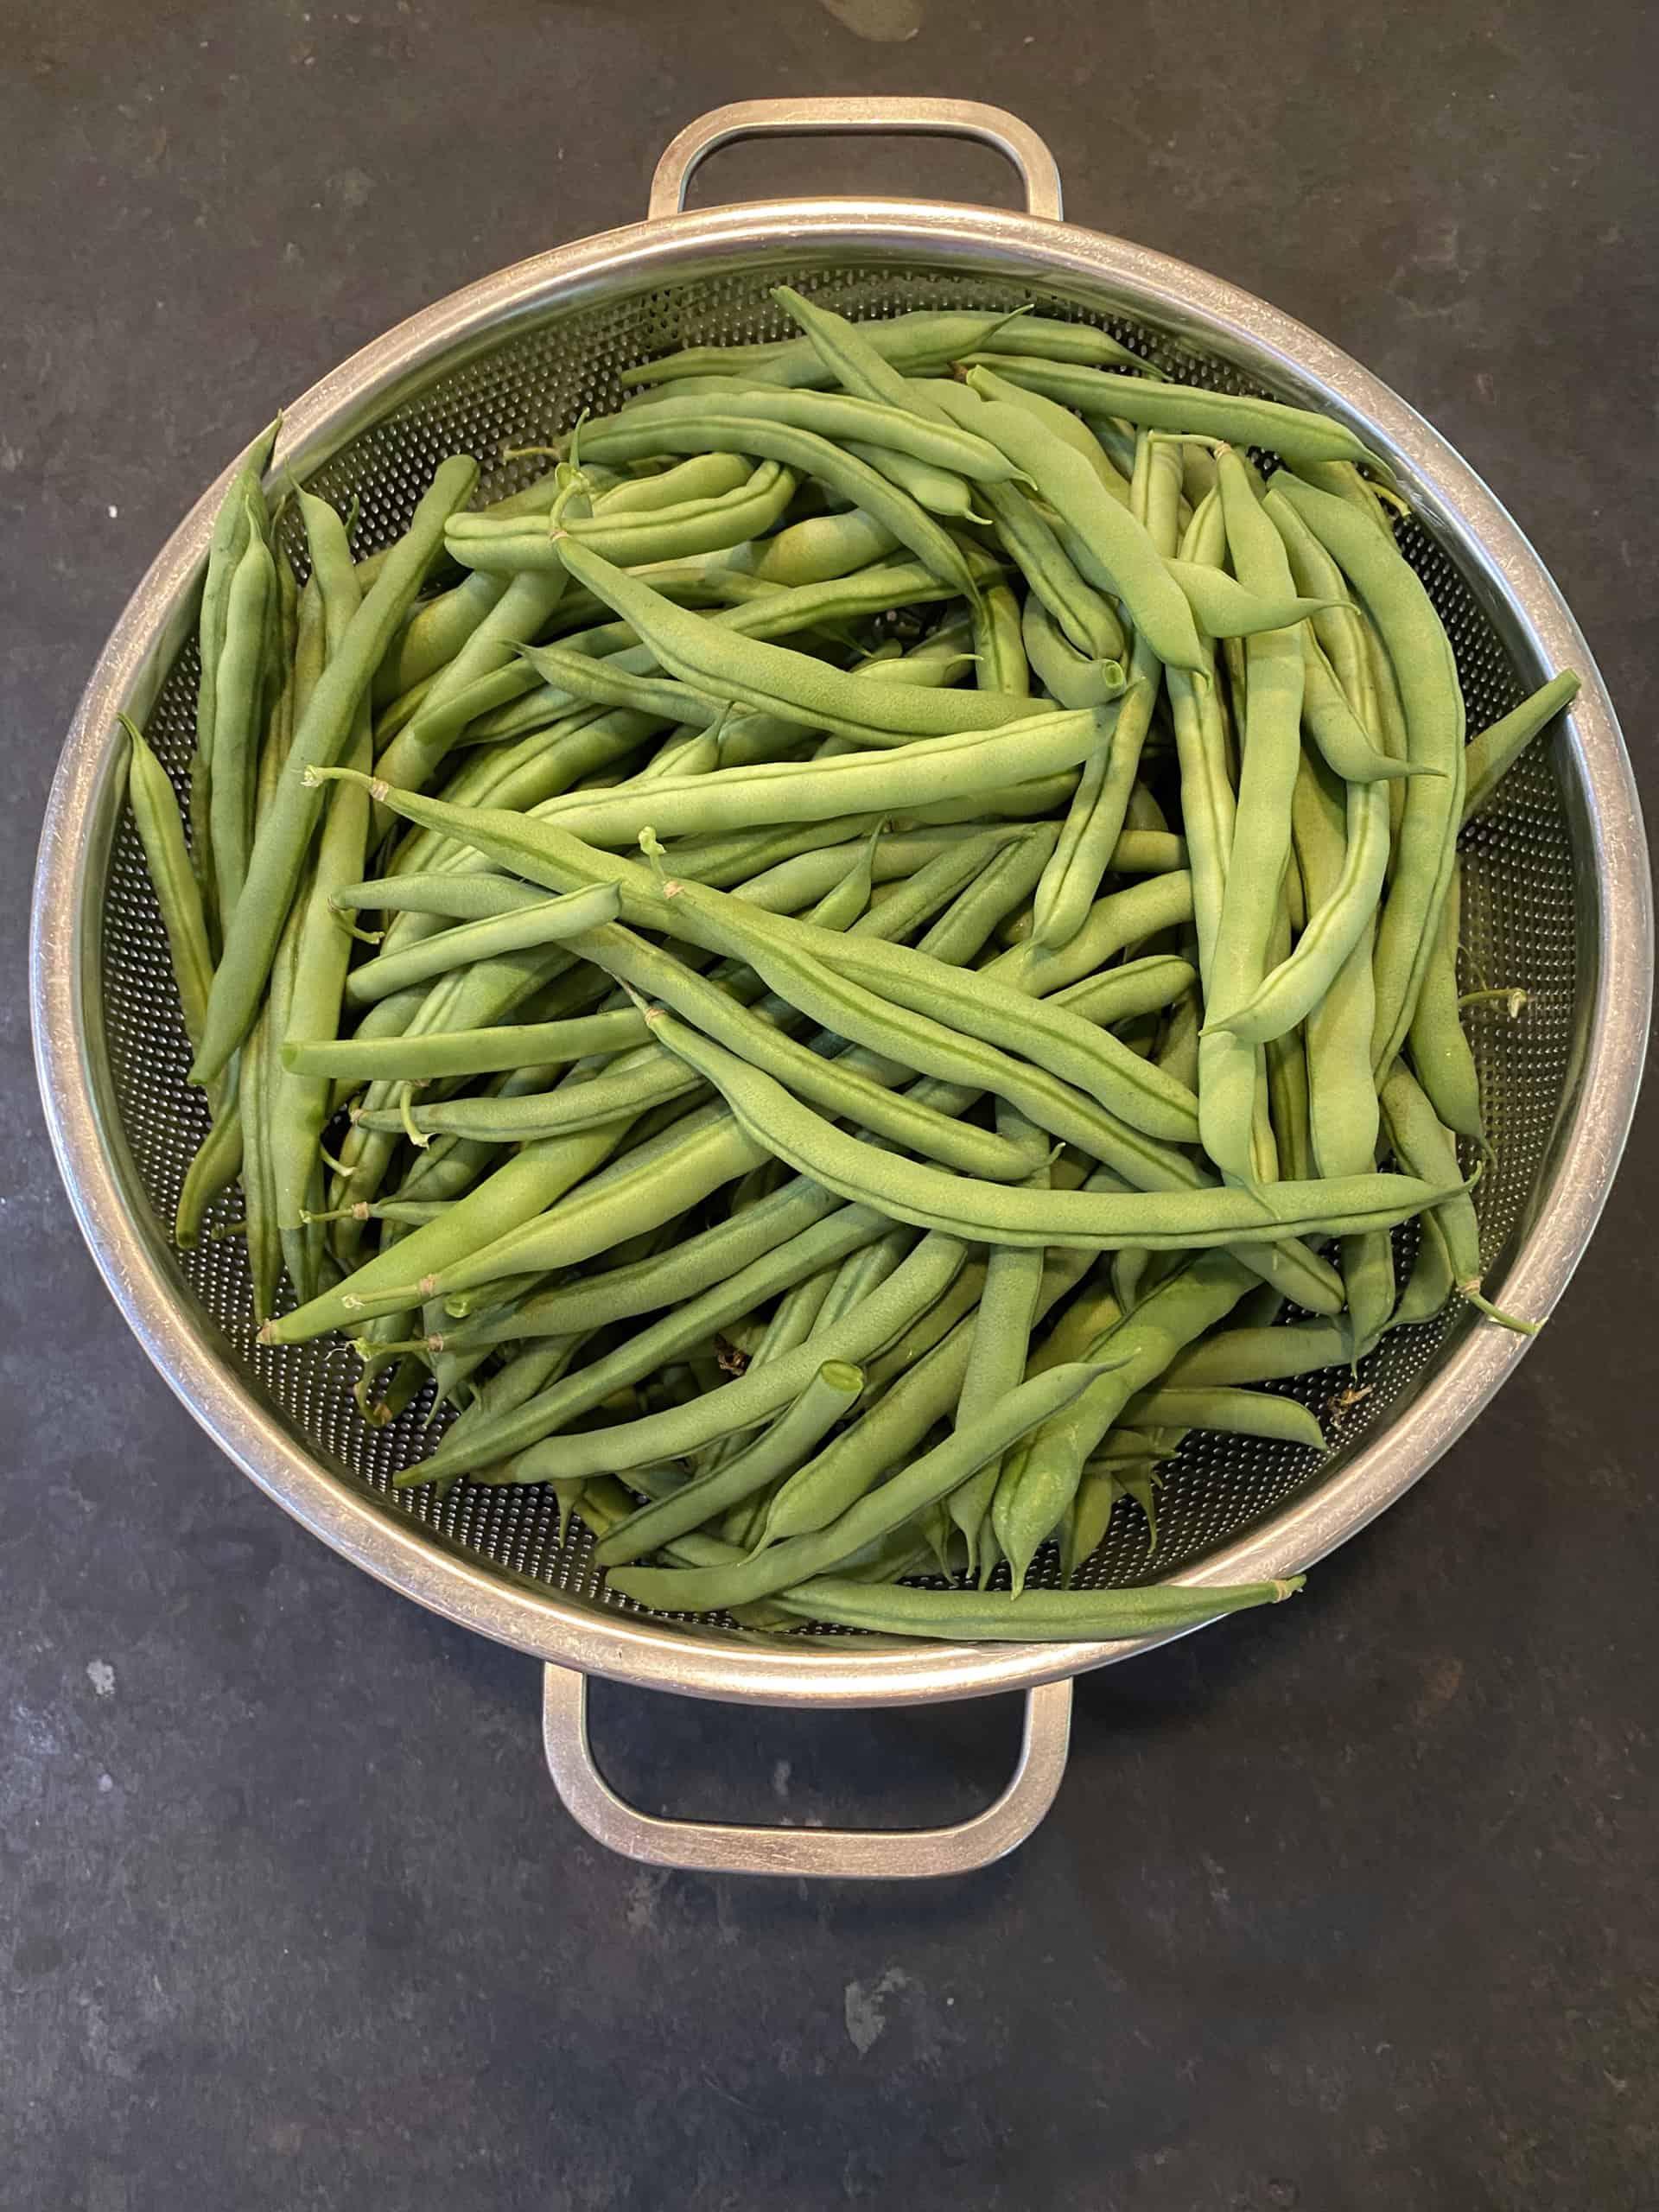 Colander Full of Beans